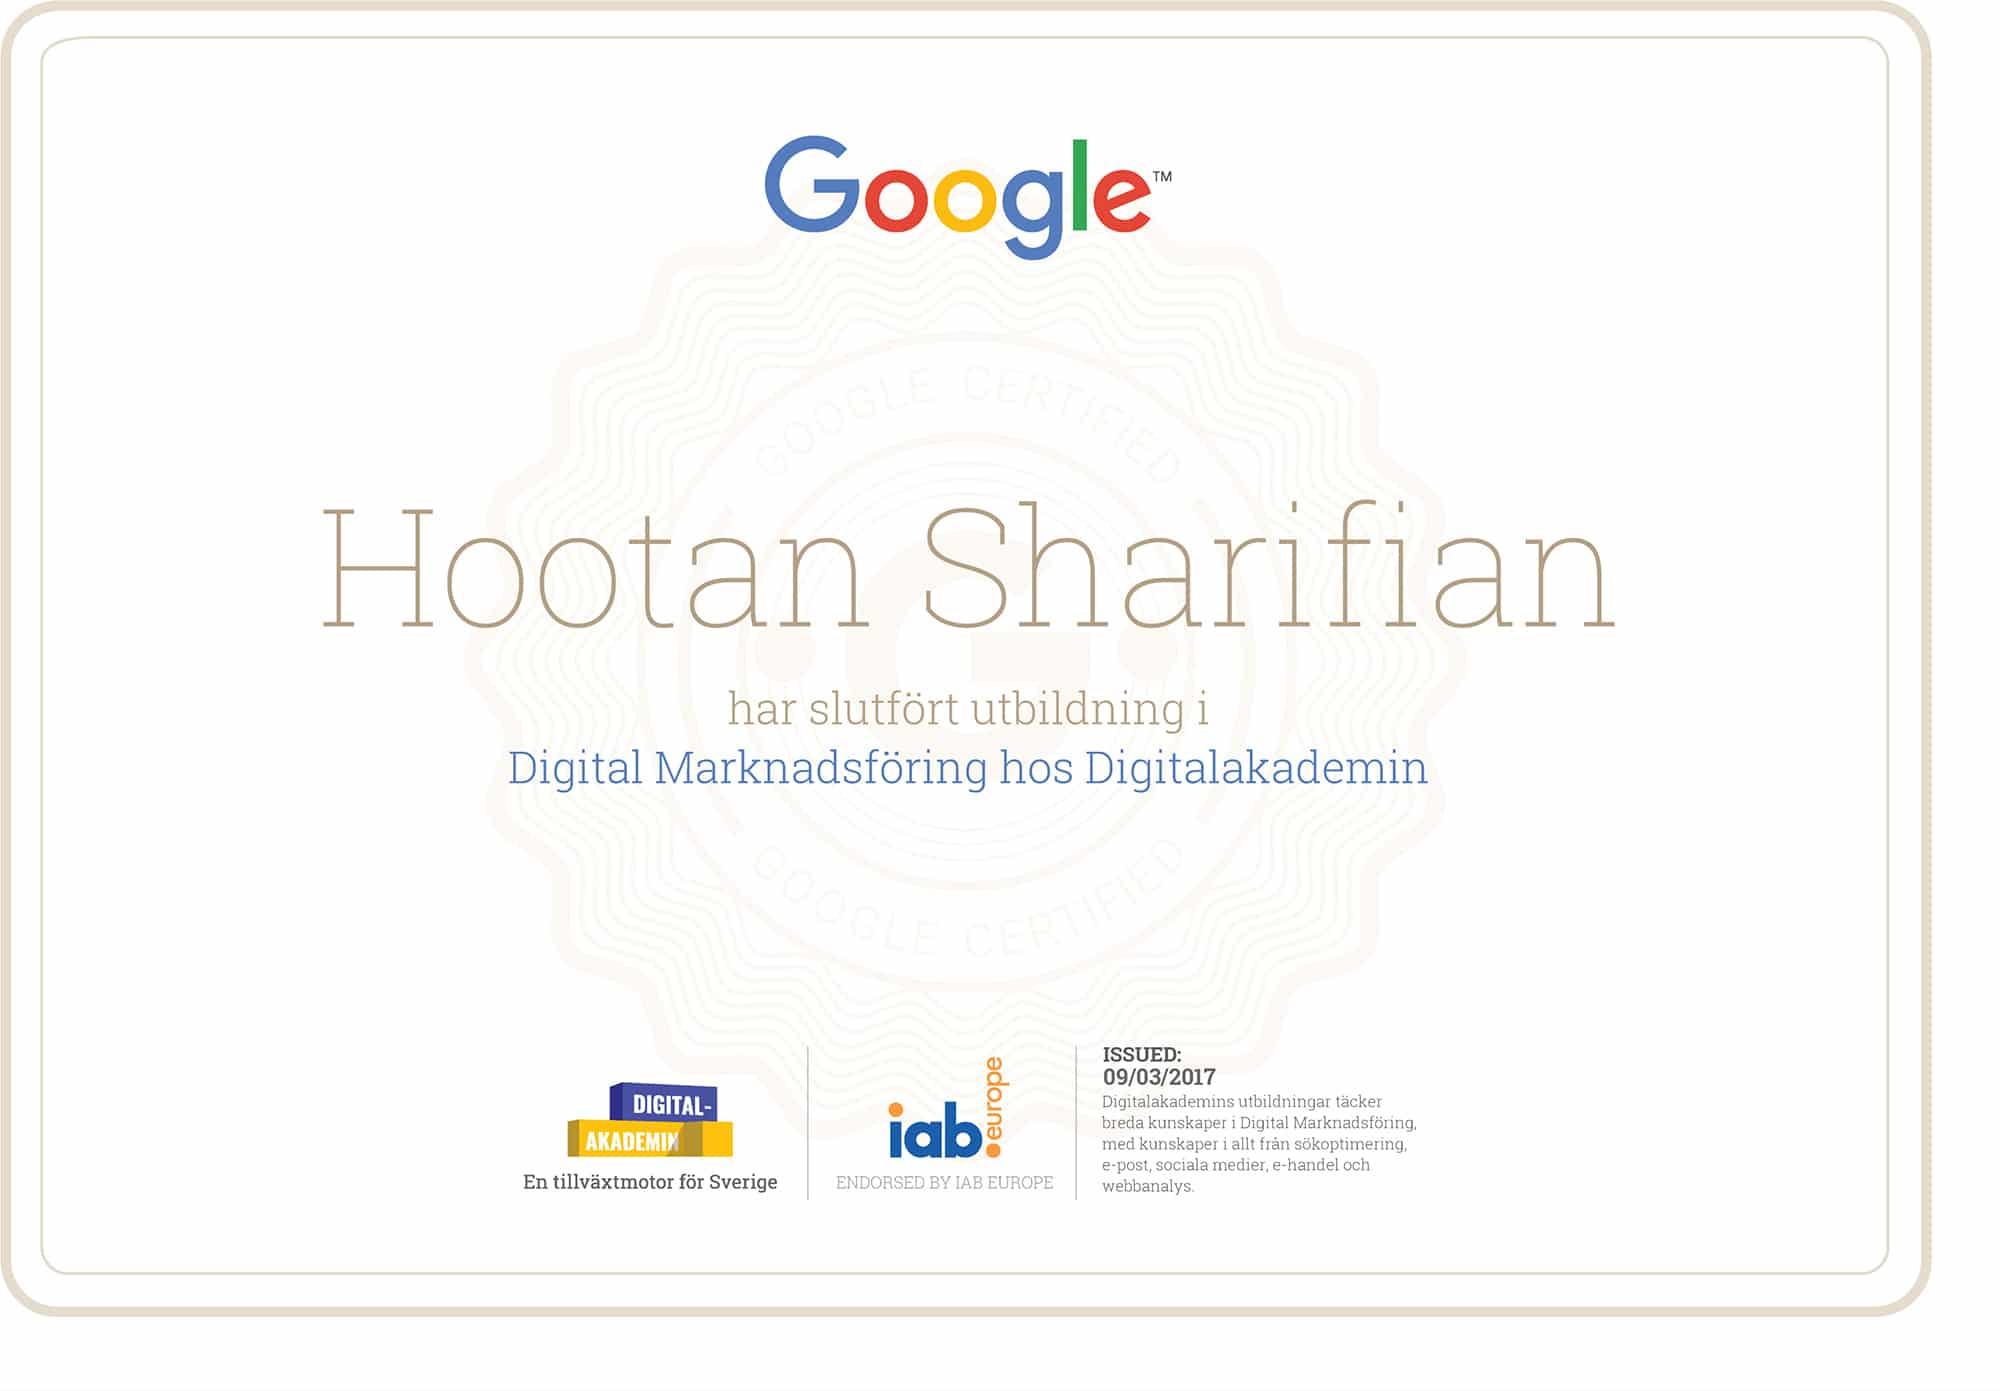 Dataring - Digitalakademin Diplom från Google